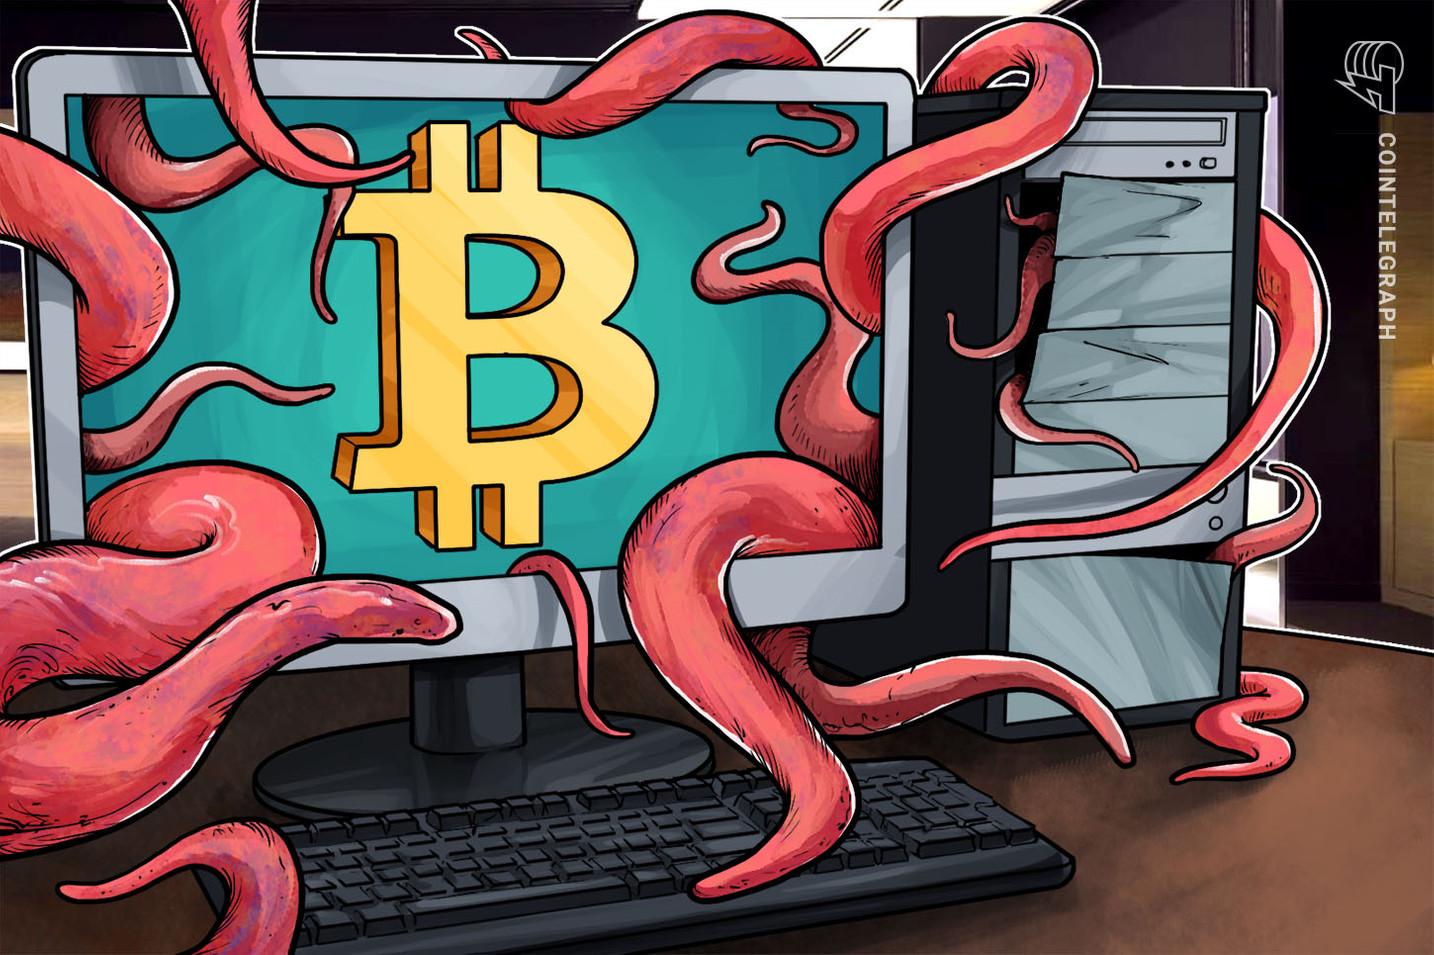 Bitcoin-Seeking Ransomware Ryuk Virus Found and Studied in China